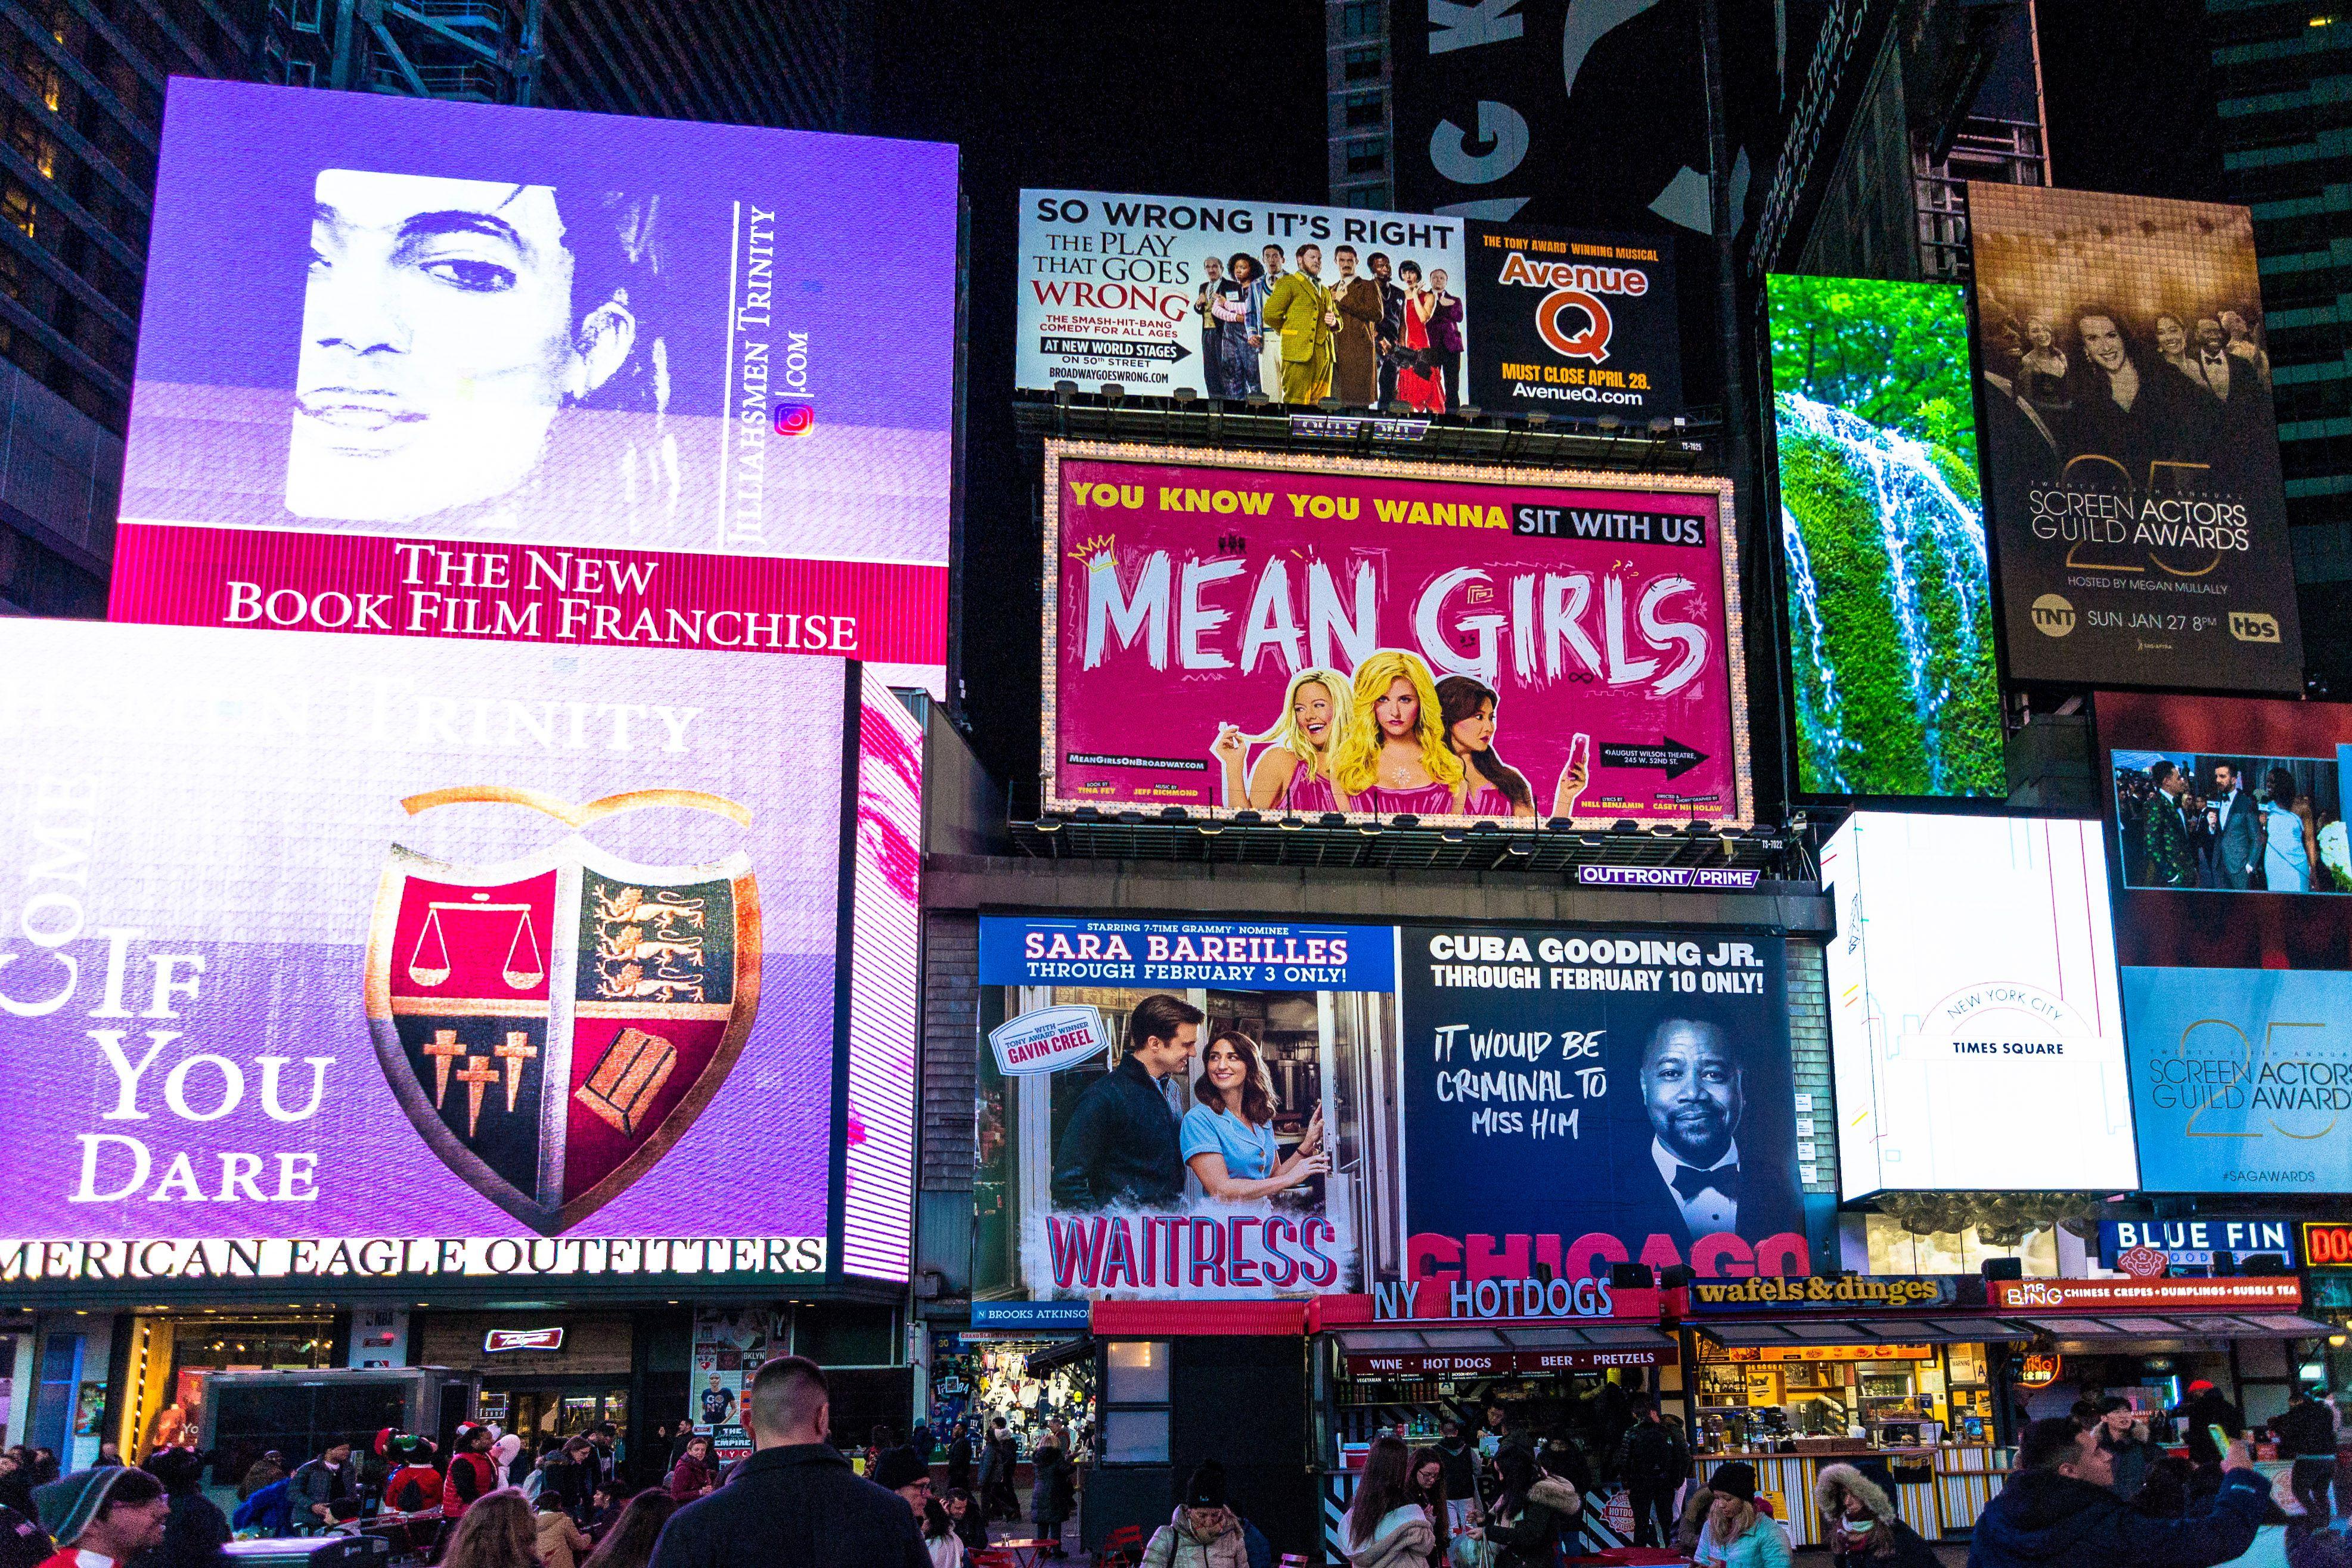 Vallas publicitarias de diferentes obras de Broadway en Times Square